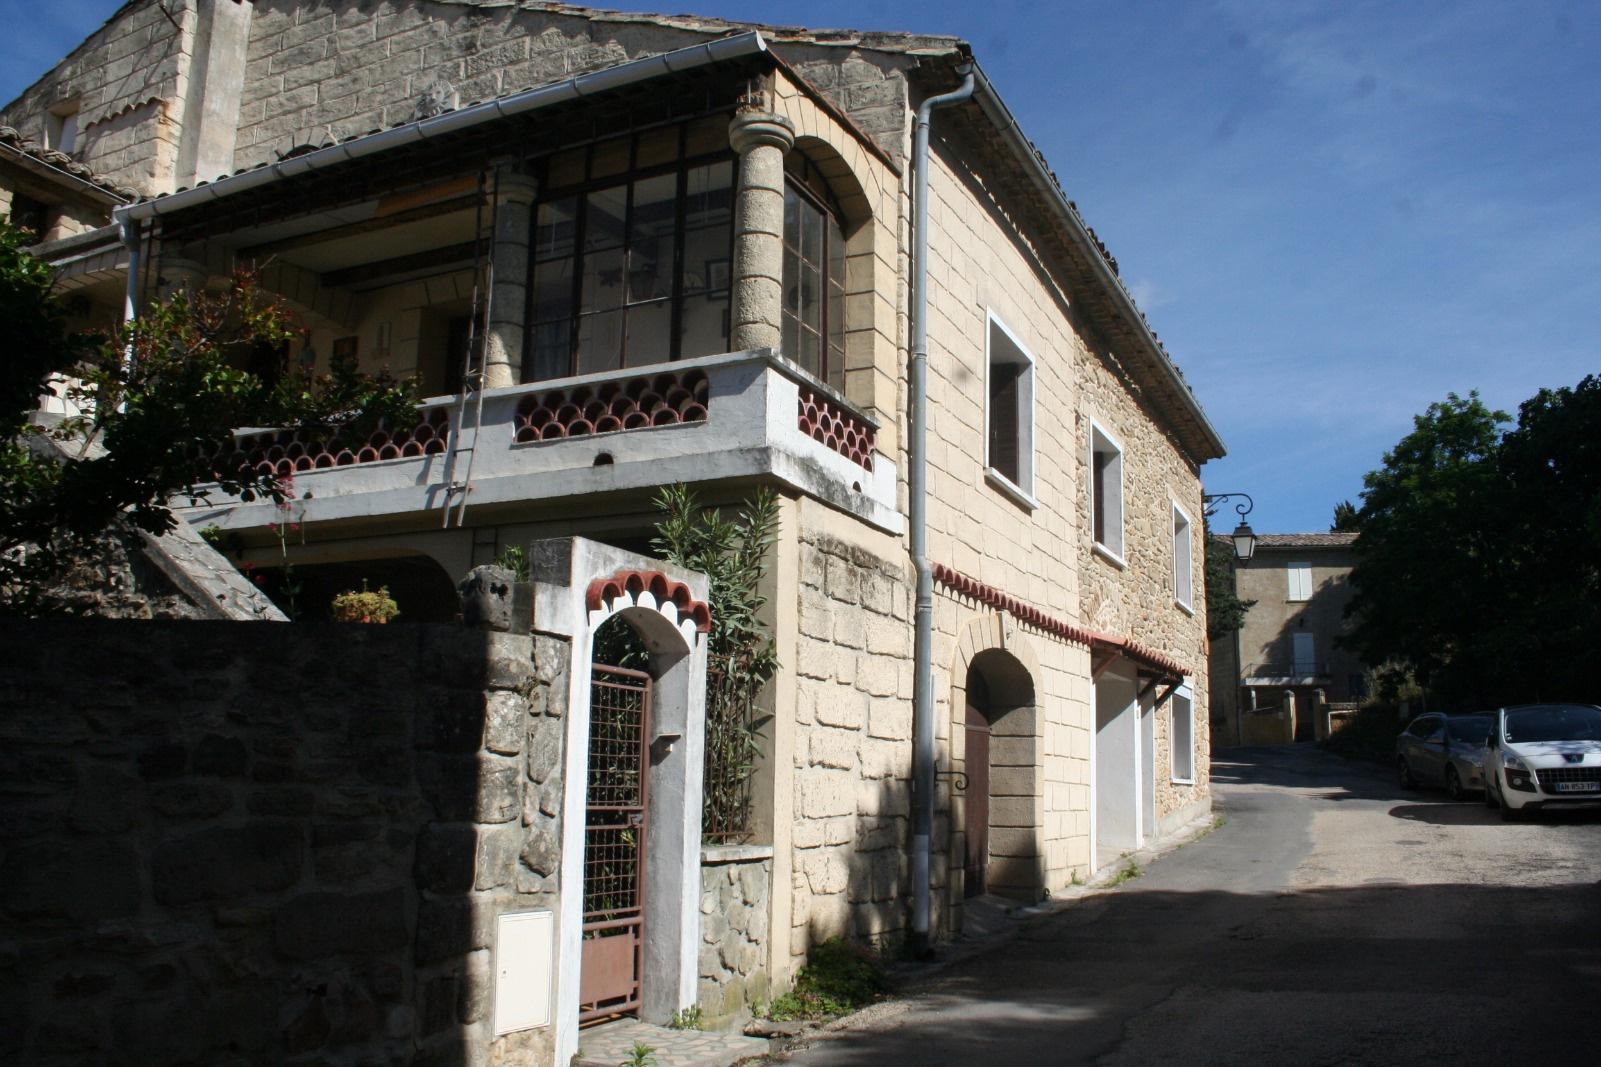 Vente vente maison village uzes proche for Acheter maison uzes